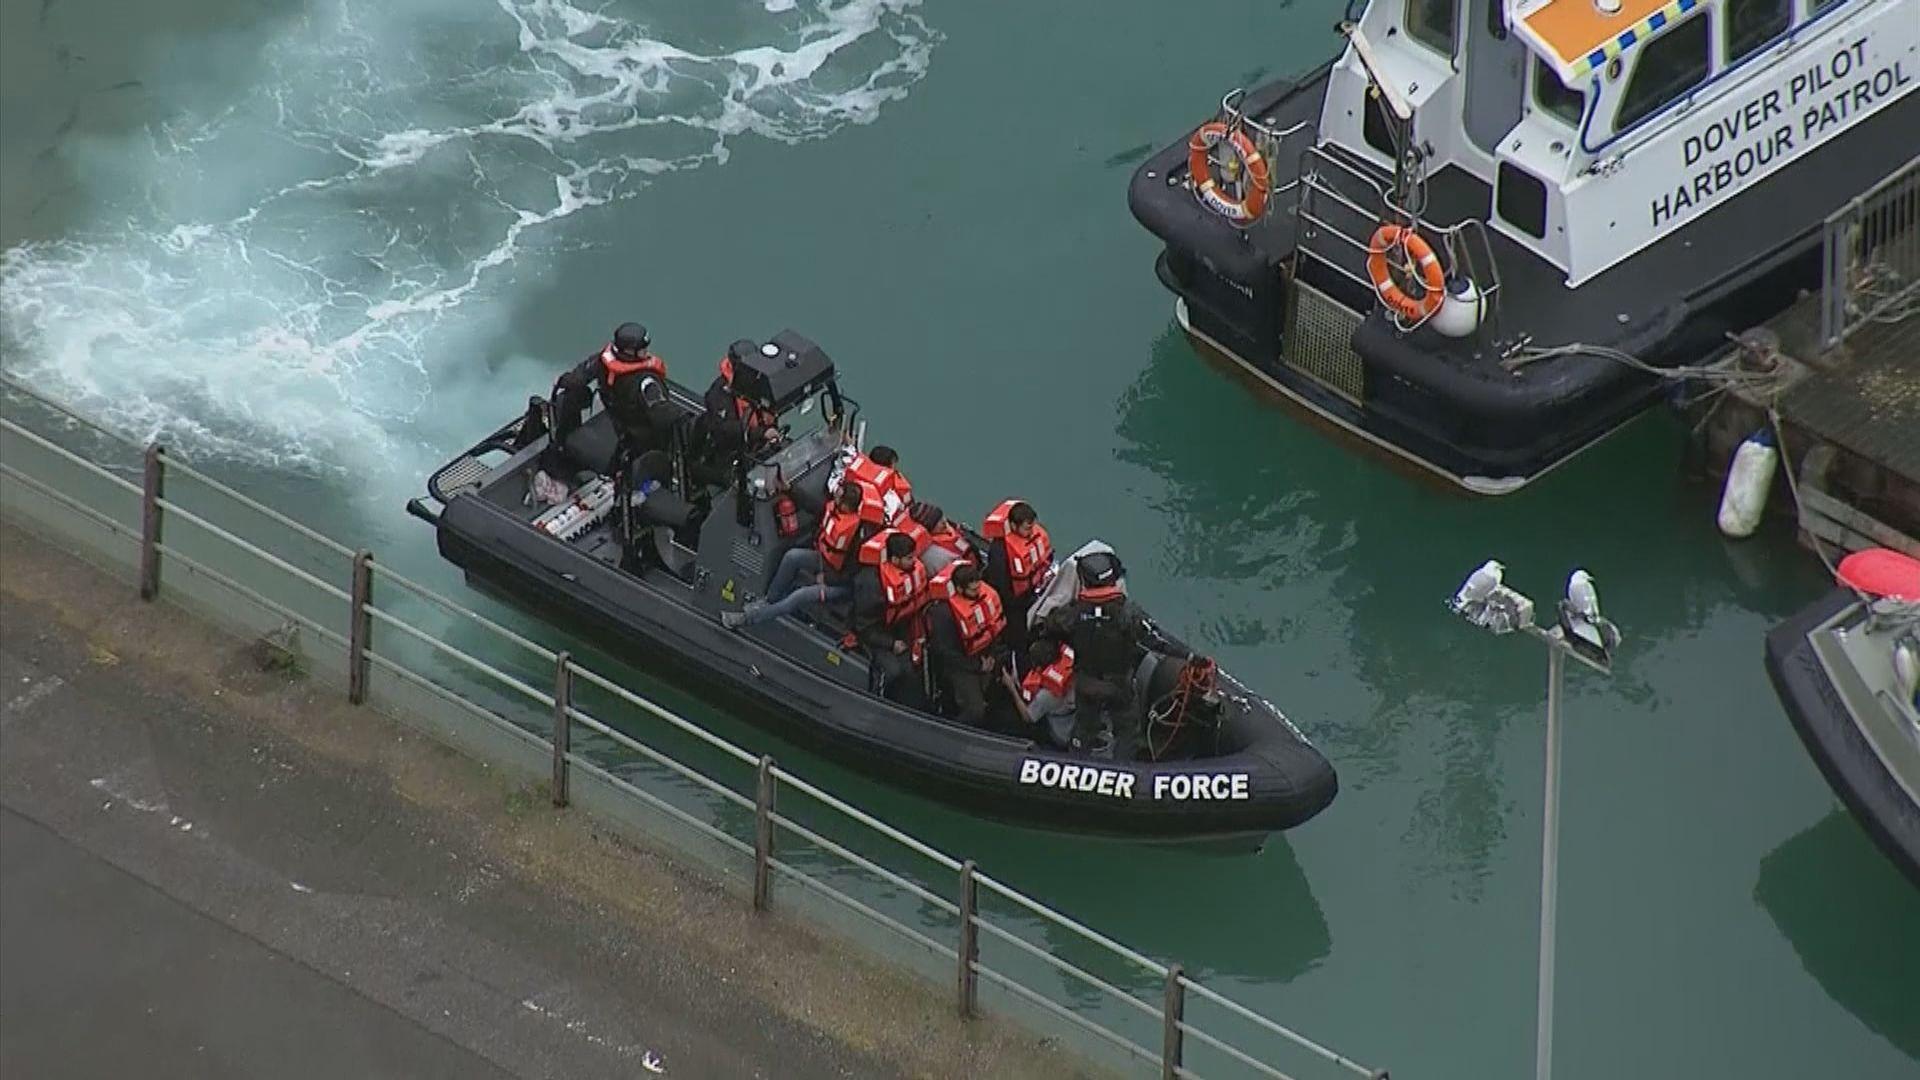 經英倫海峽偷渡移民急增 英國列重大事故